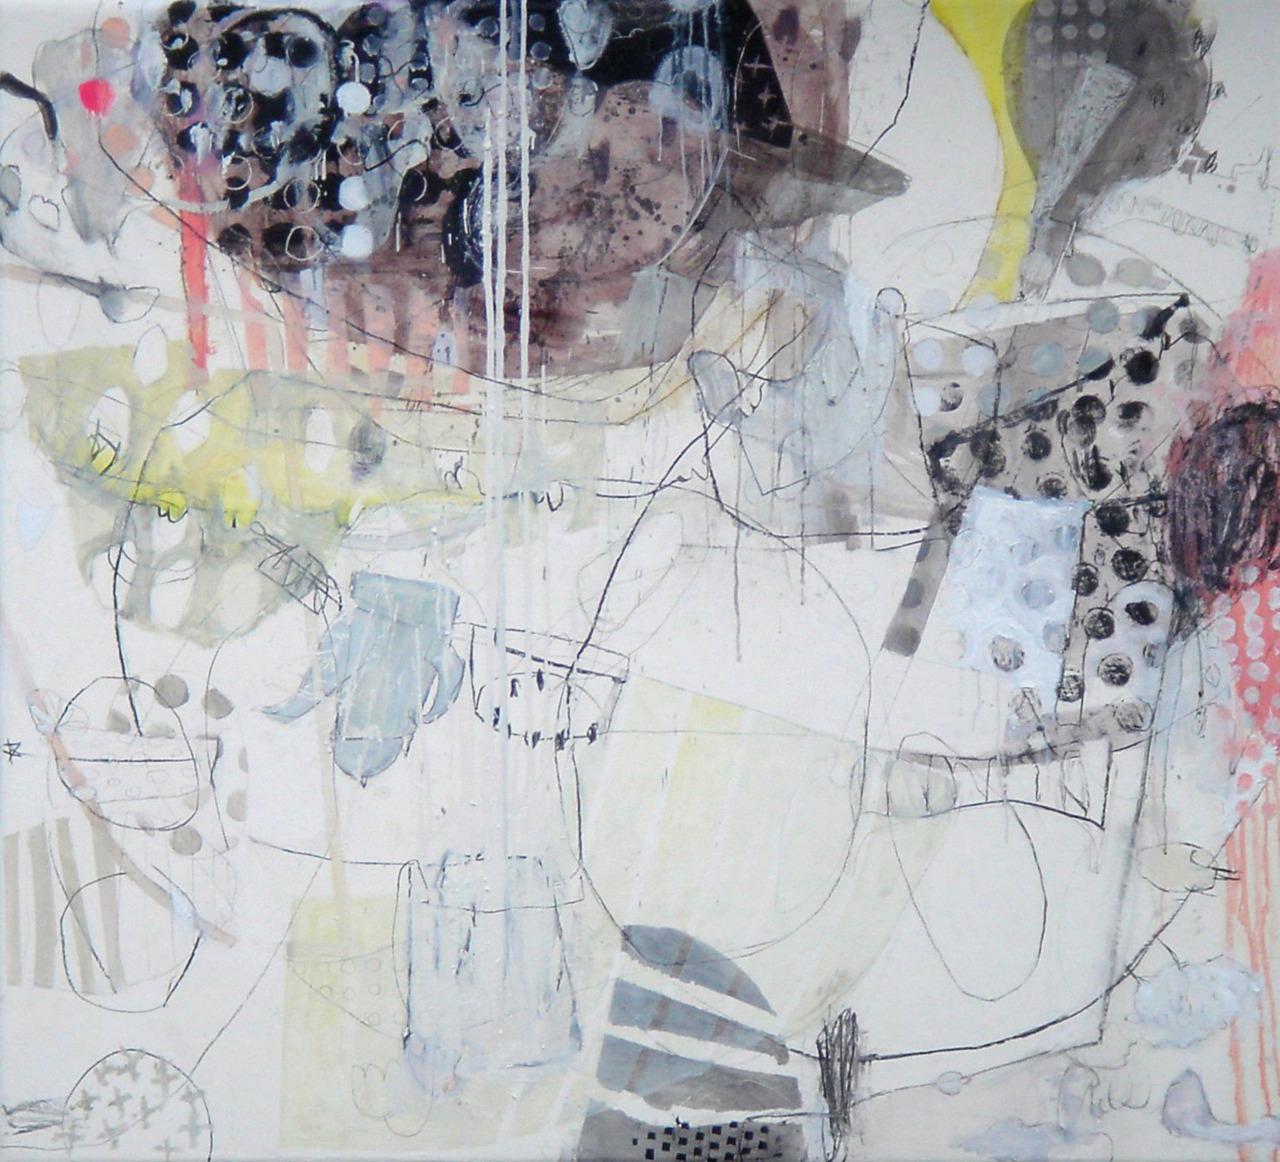 Hitosajihodona by Mayako Nakamura available for purchase from ww